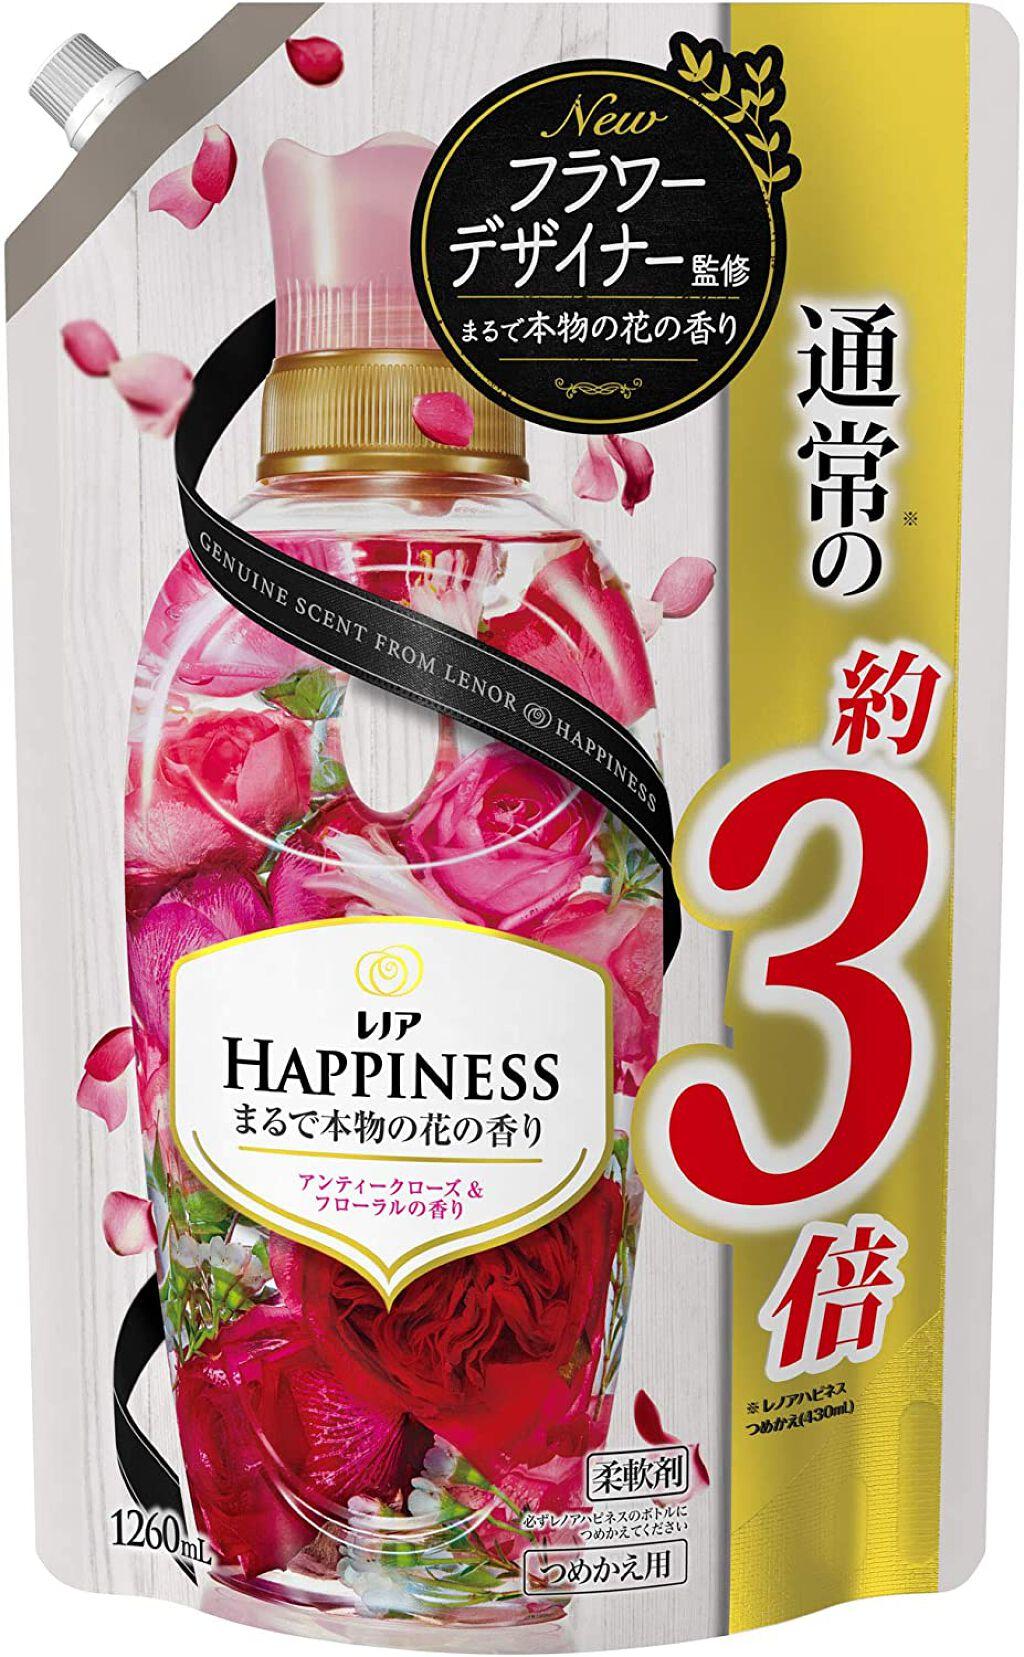 レノアハピネス アンティークローズ&フローラルの香り 1.26L